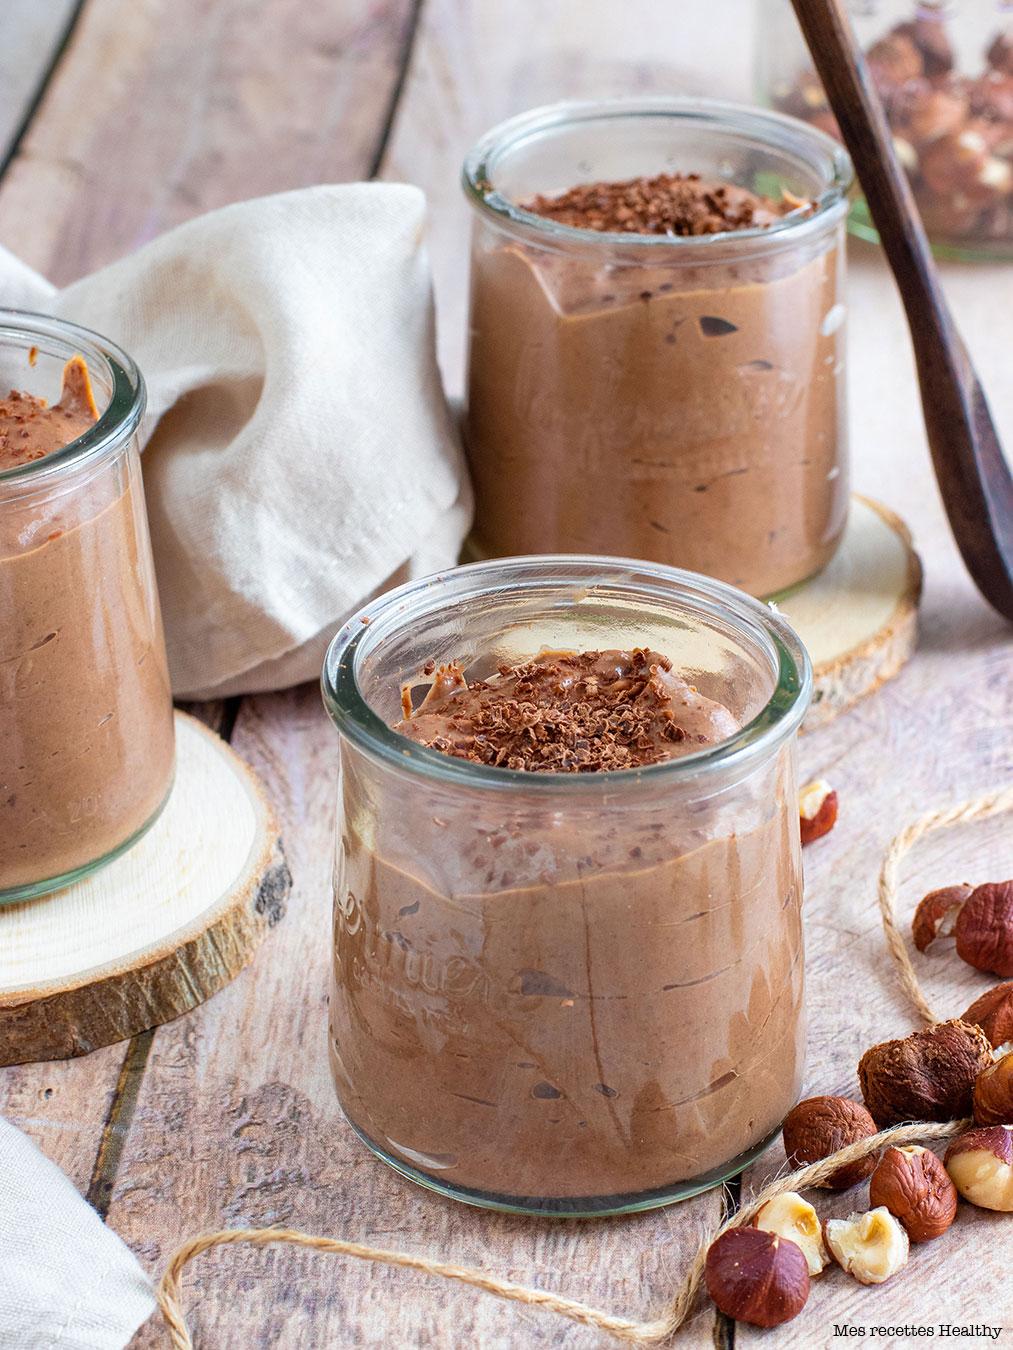 recette healthy-creme dessert vegan-chocolate-noisette-sans lait-sans oeuf-sans gluten